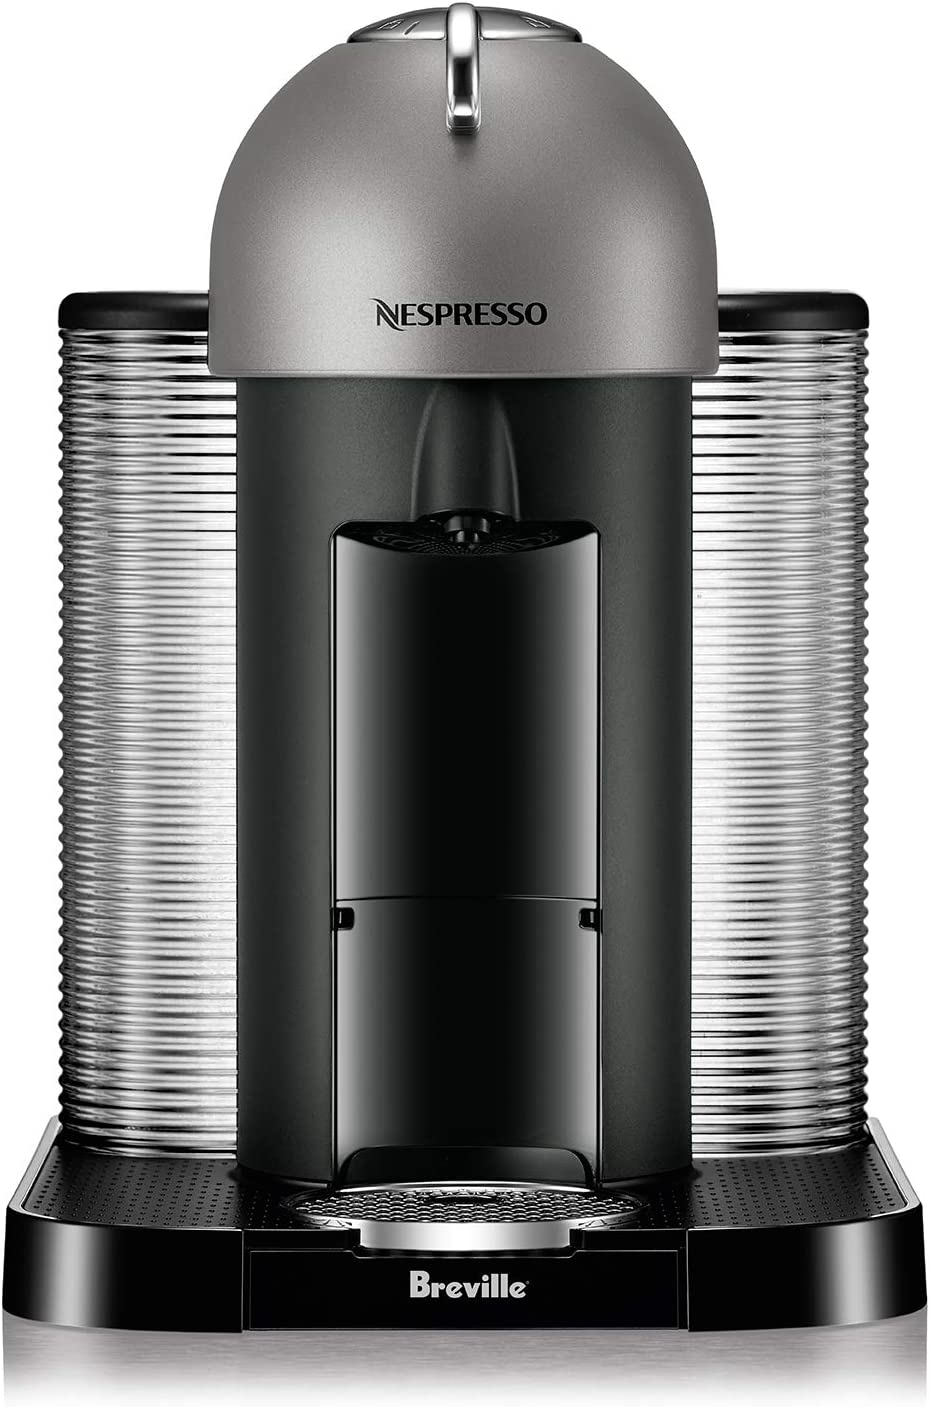 Nespresso Vertuo cafetera y cafetera de espresso por Breville ...